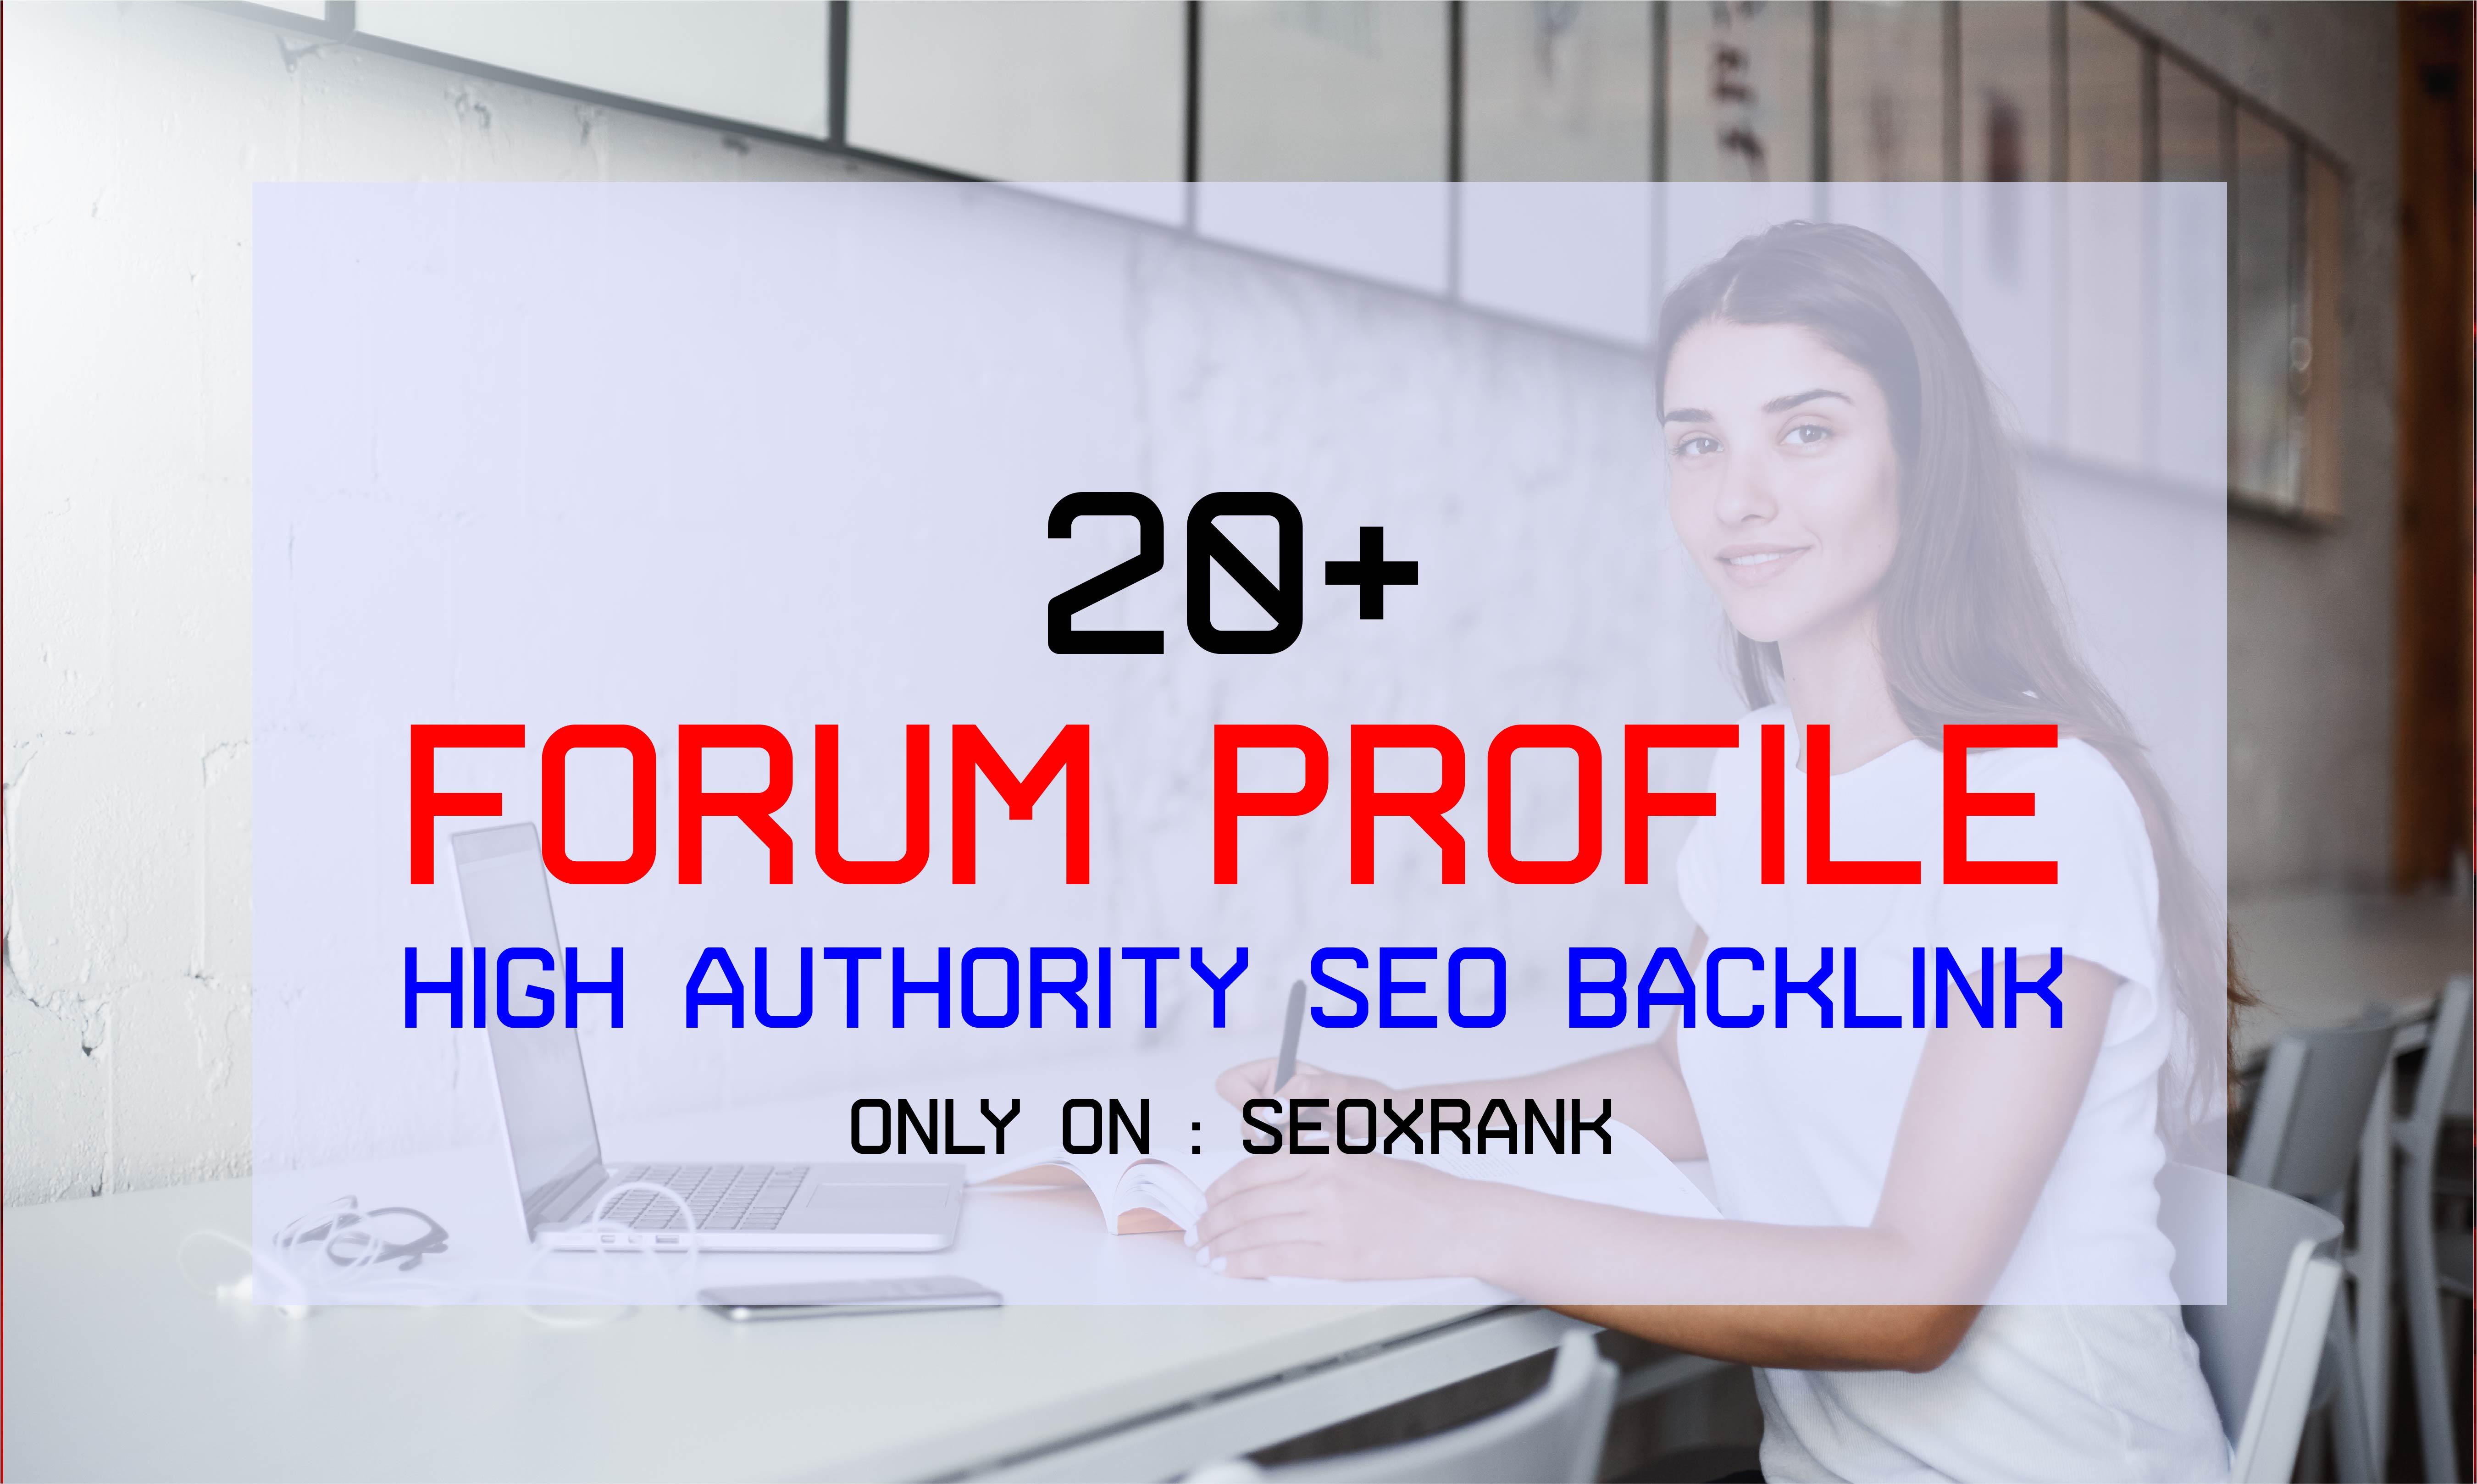 Safe 20+ Forum Profile Backlinks DA50-DA100 - Skyrocket Your Website on Google